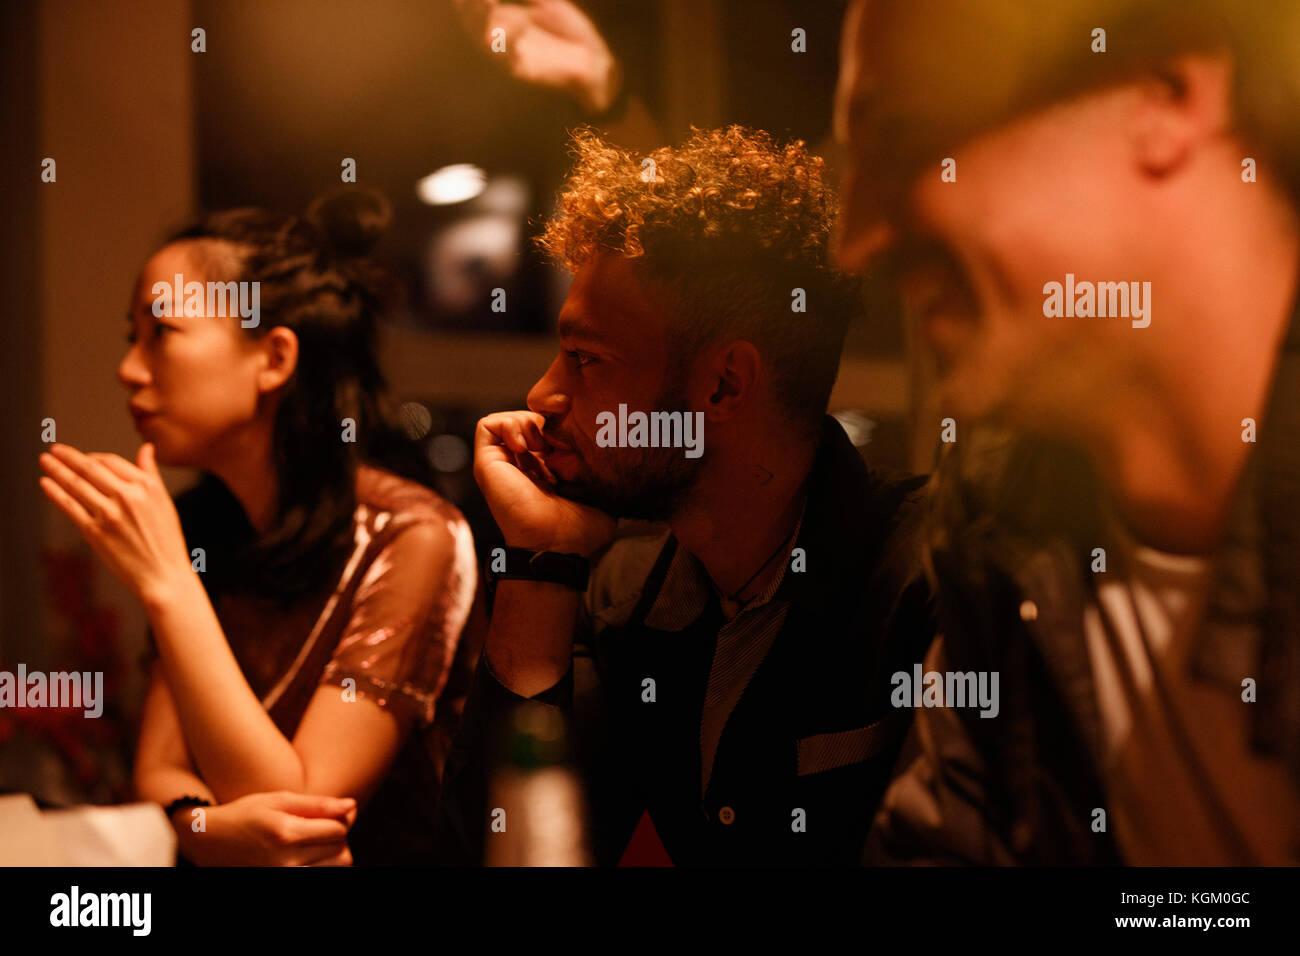 Hablando de amigos masculinos y femeninos durante la fiesta en casa Imagen De Stock